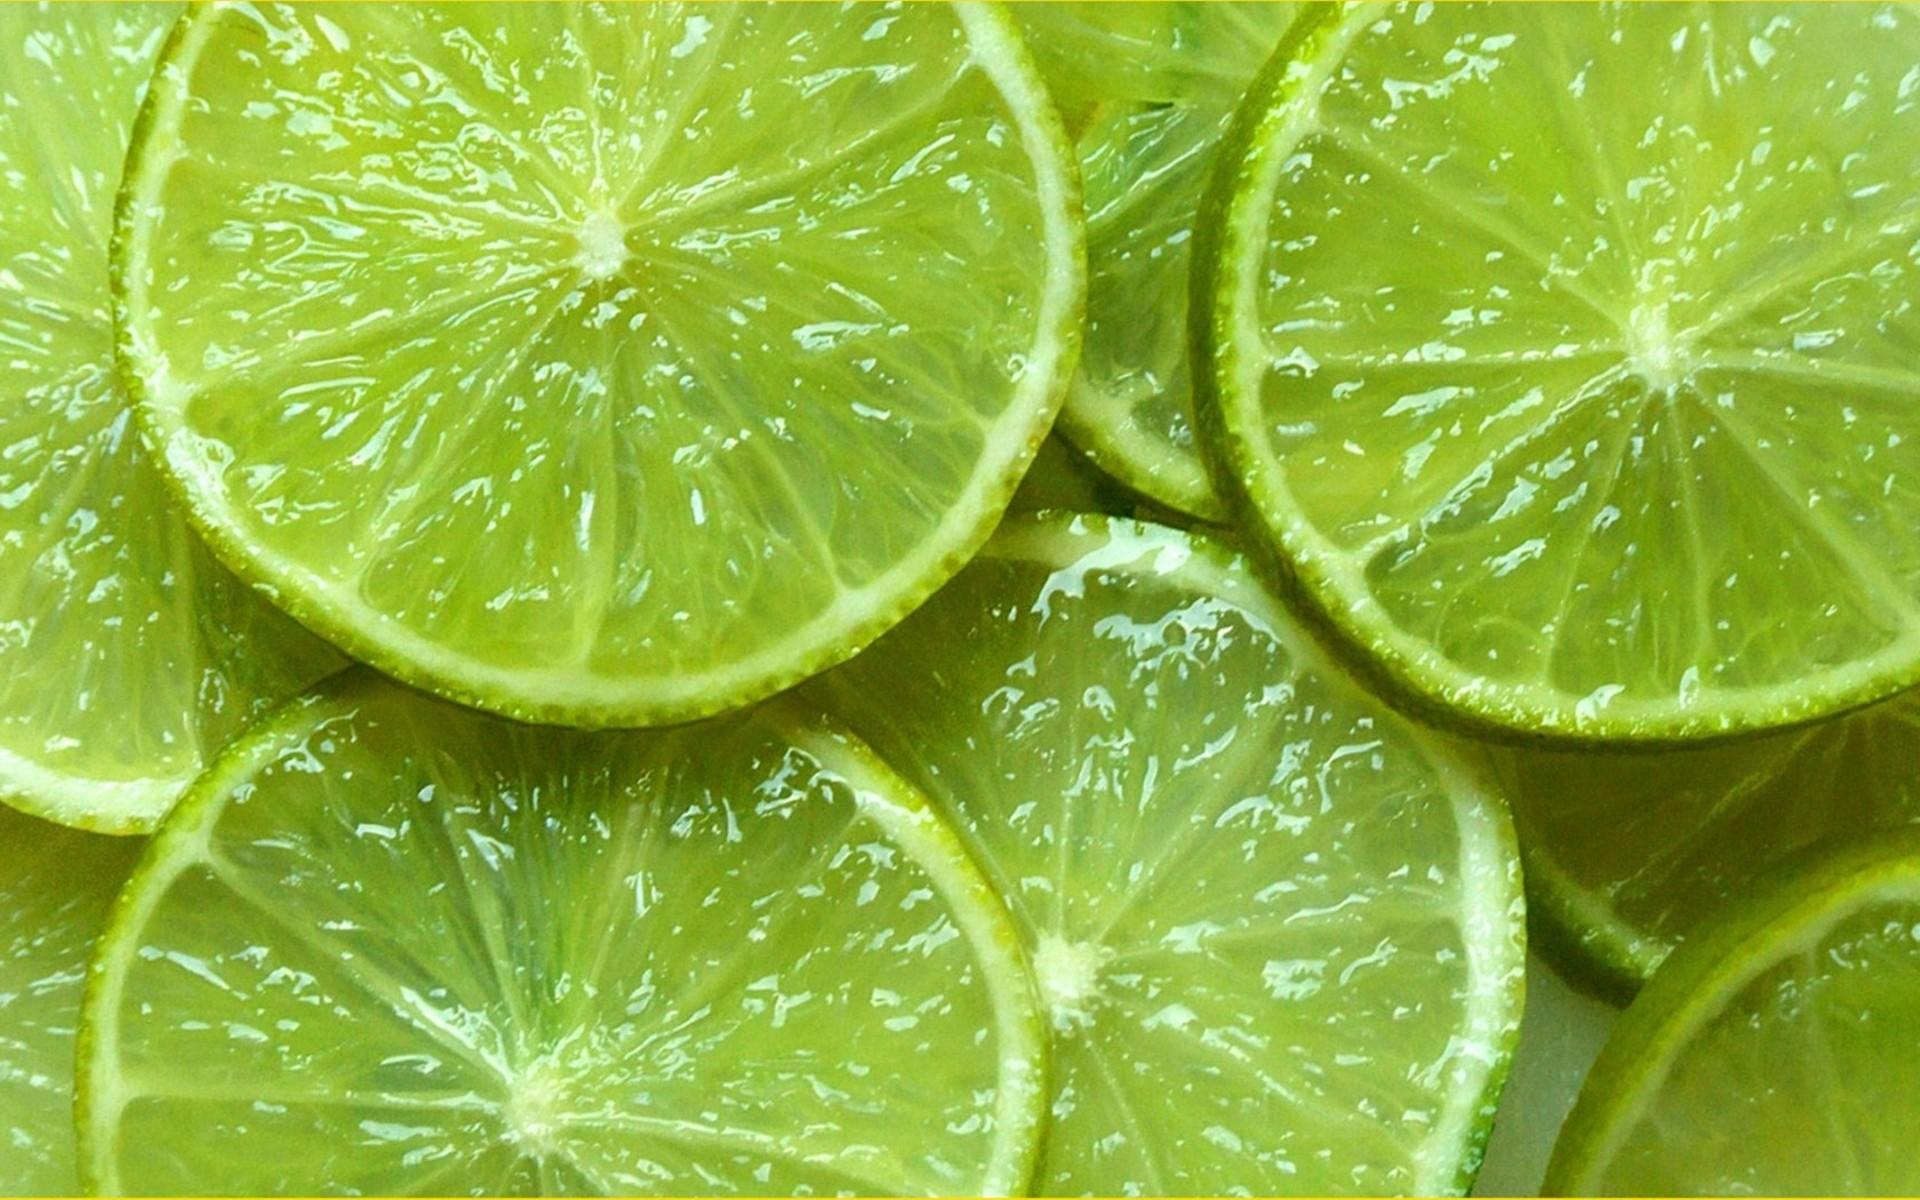 como recuperar un limón seco con sólo sumergirlo en agua hirviendo